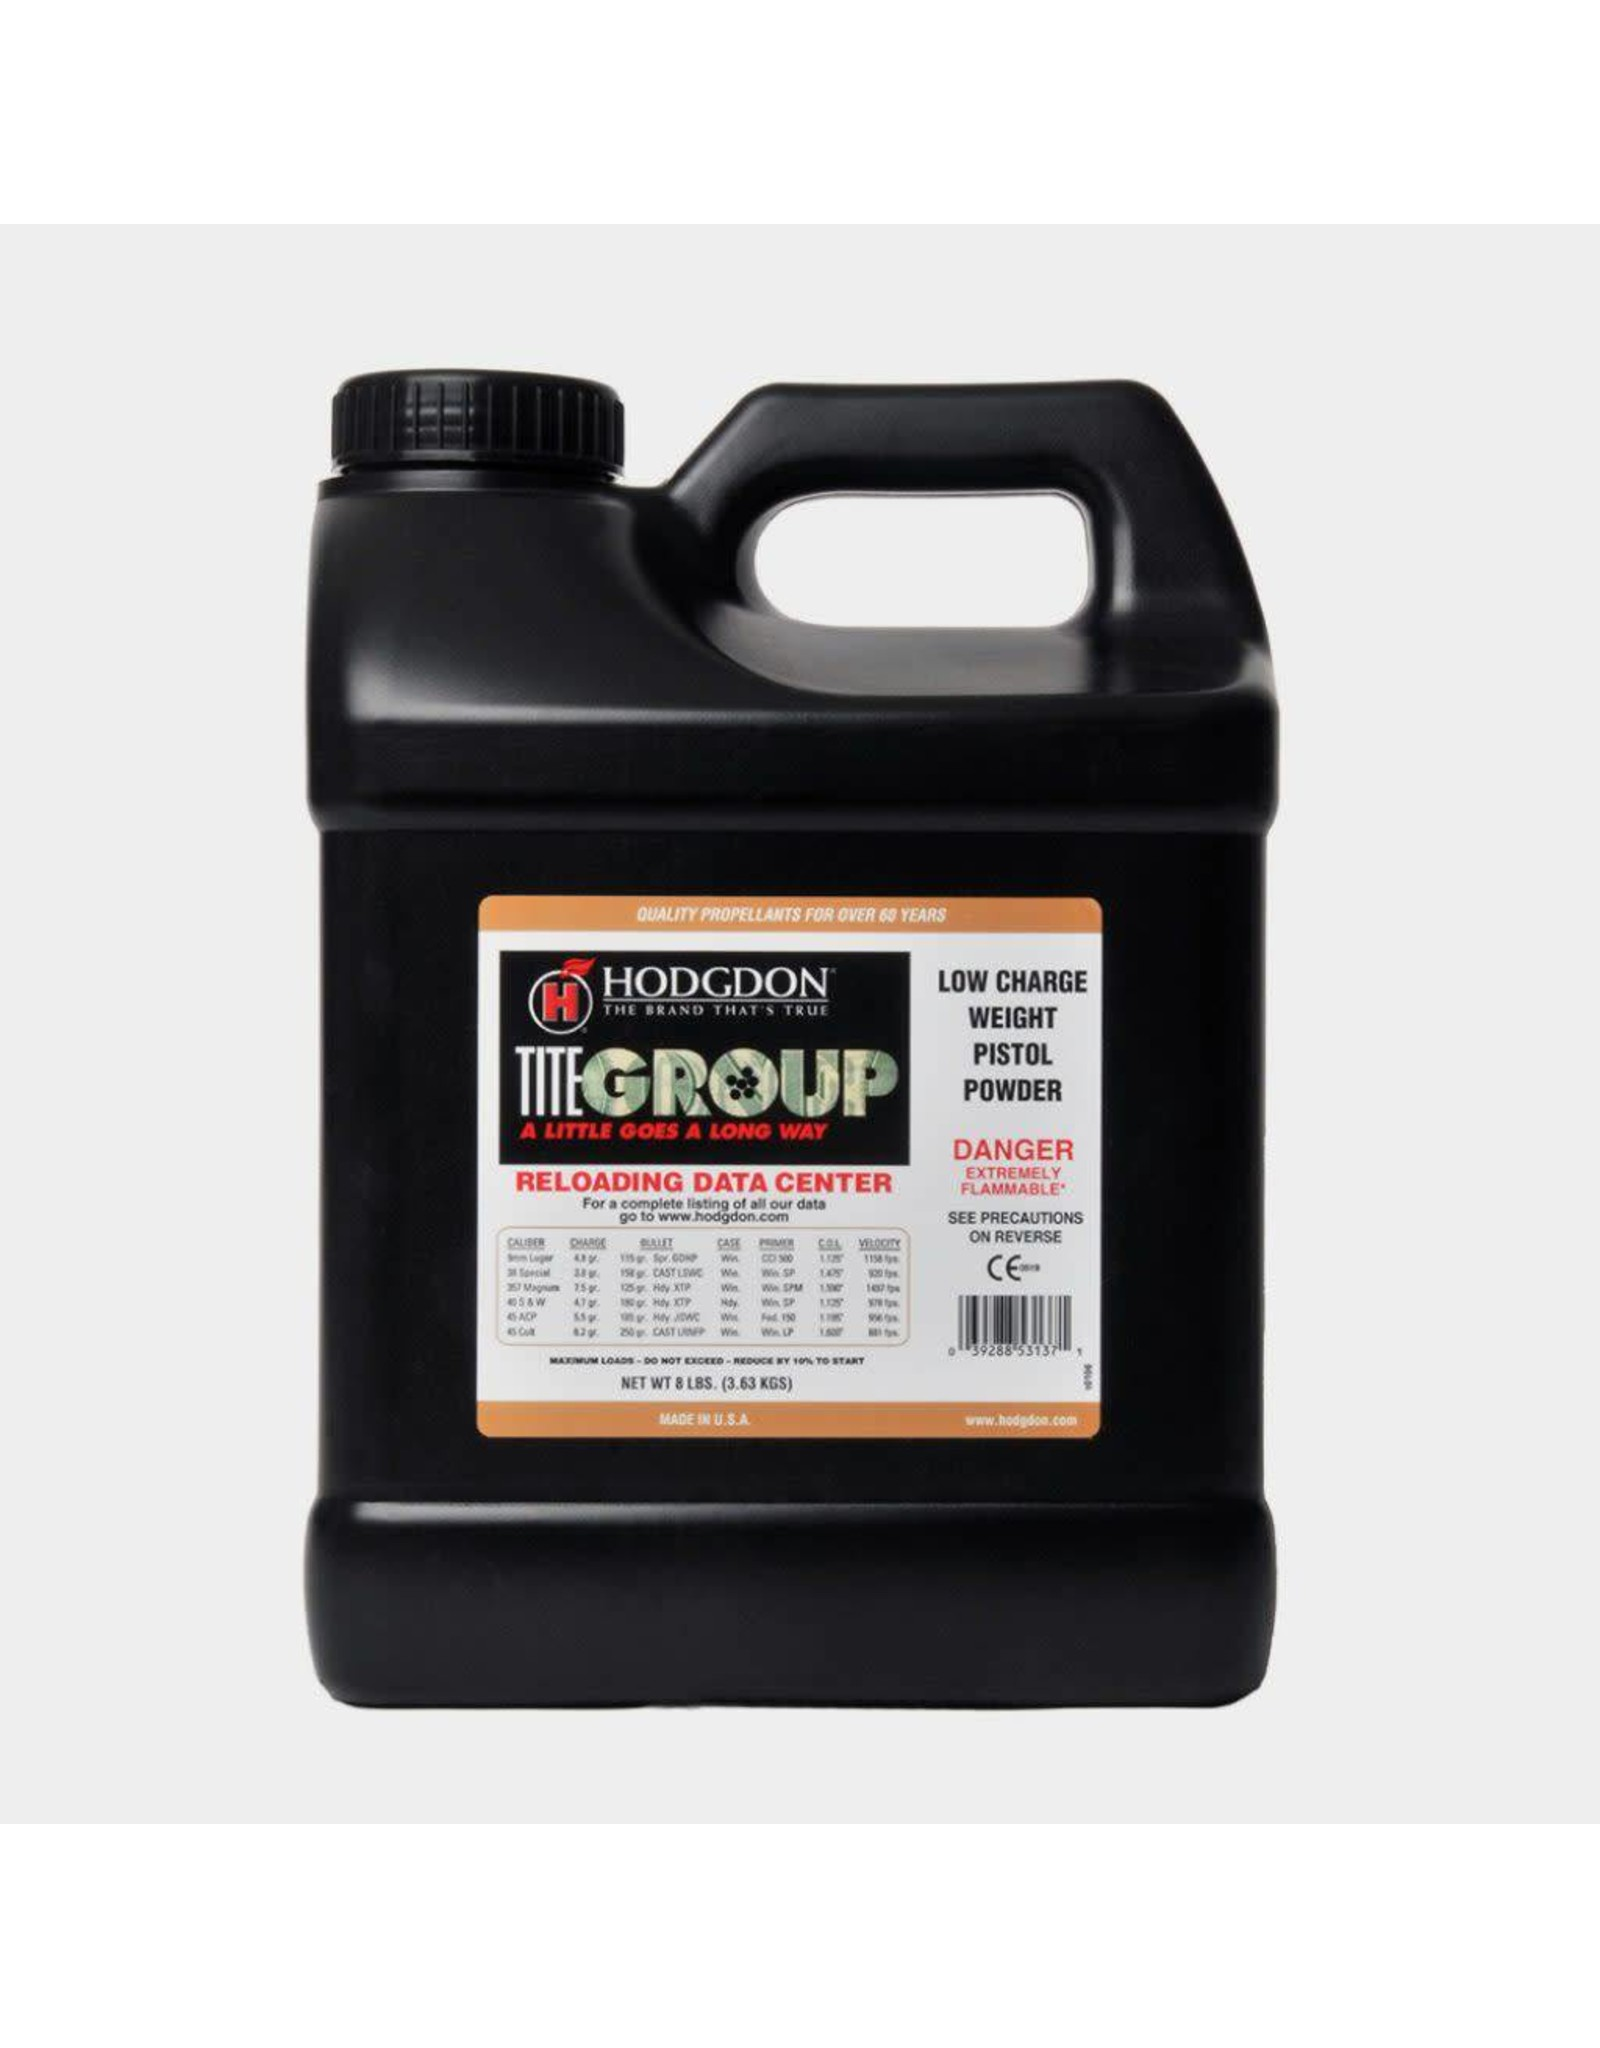 Hodgdon Hodgdon Titegroup -  8 pound